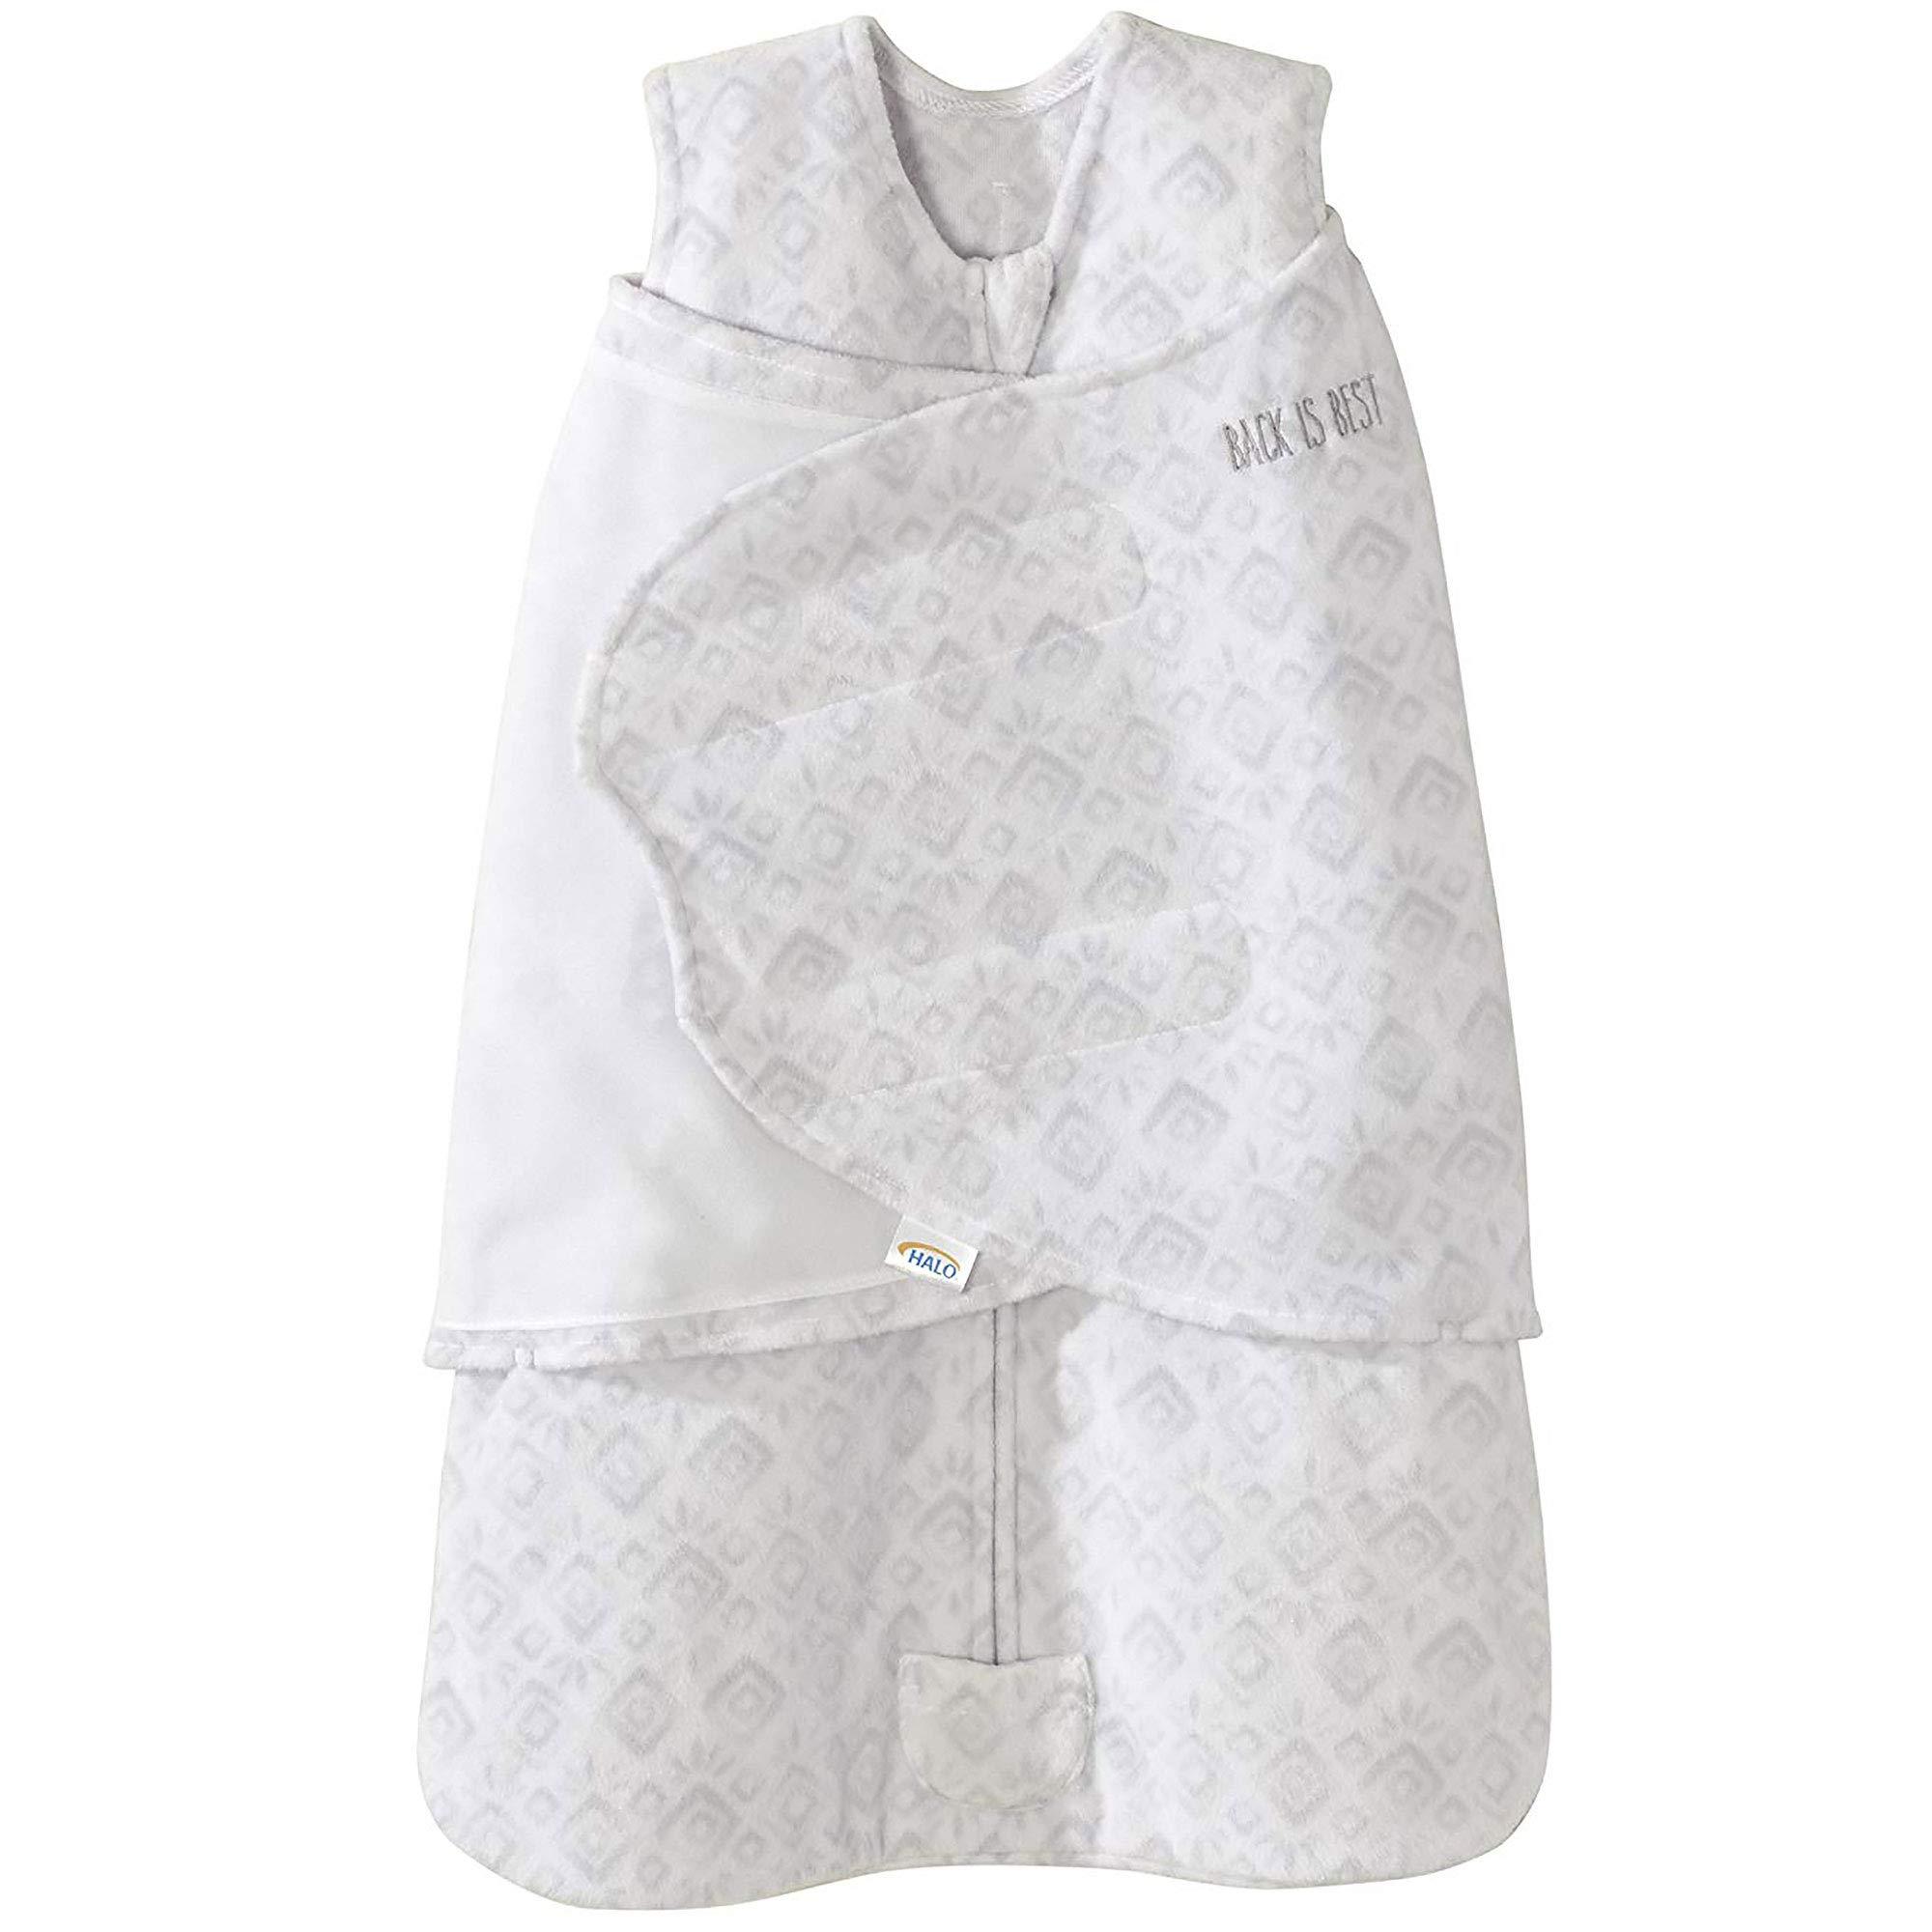 Halo Micro Fleece Sleepsack Swaddle Wearable Blanket, Grey Diamonds and Leaves, Newborn